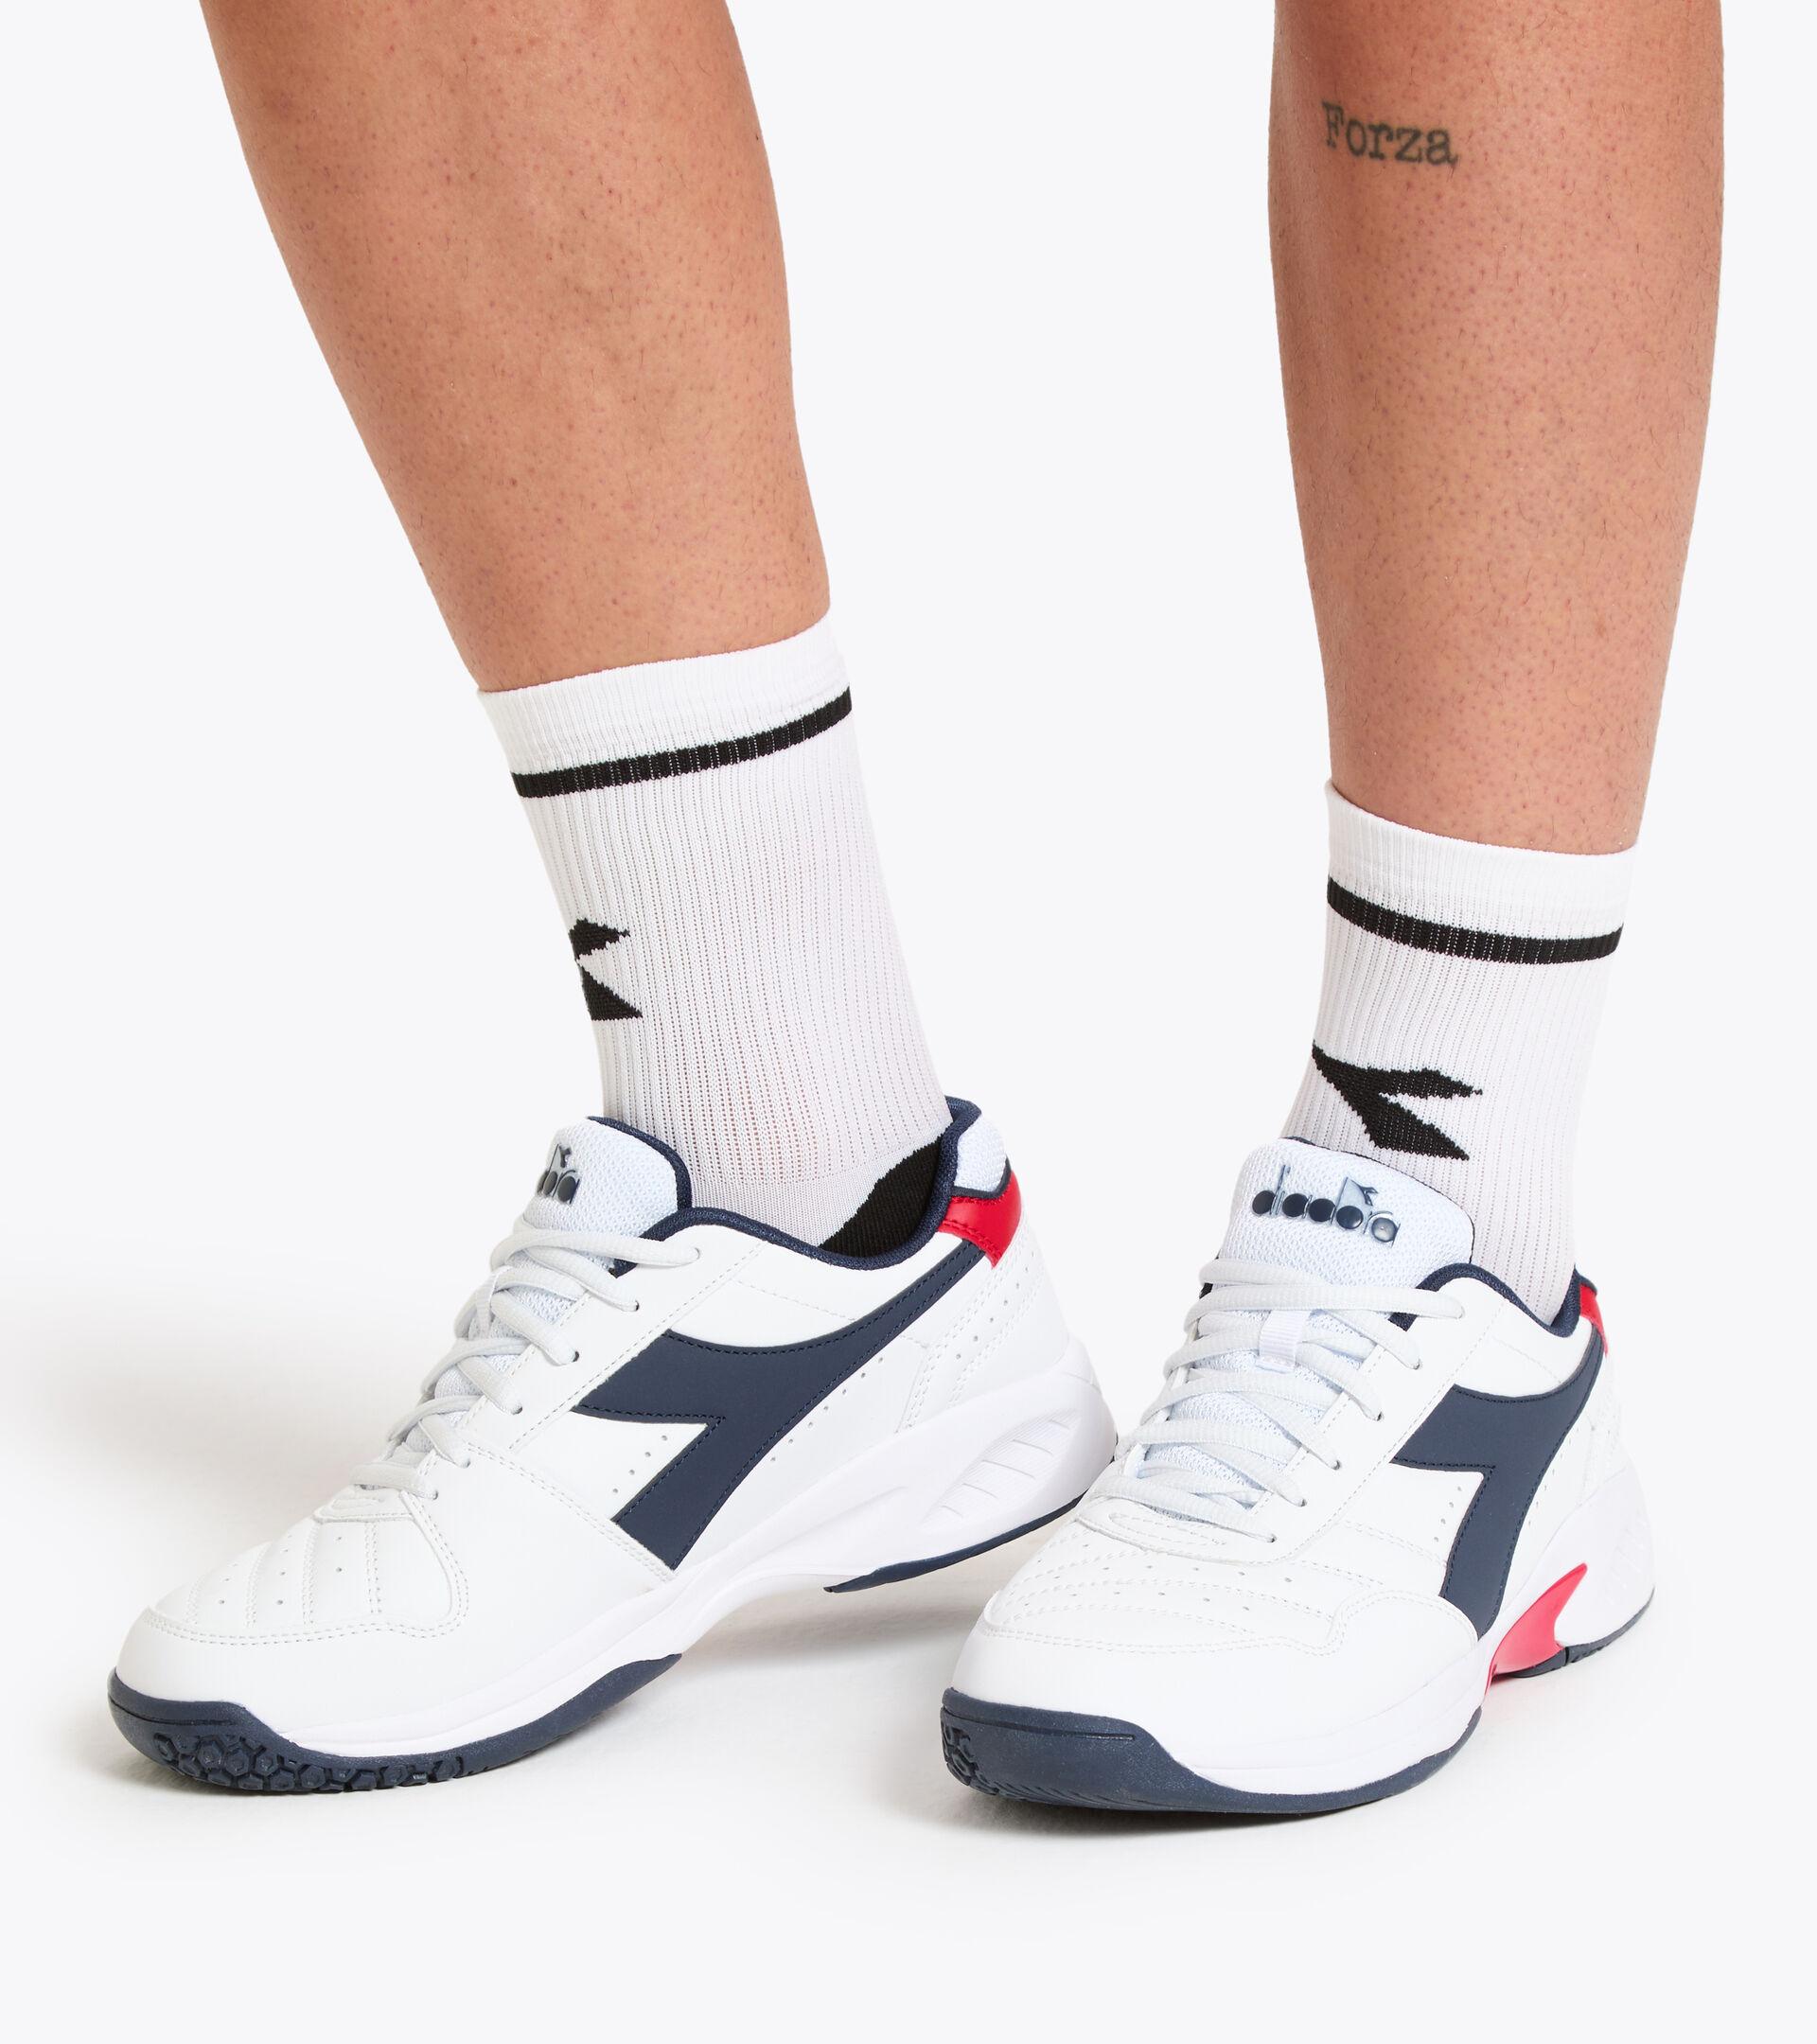 Footwear Sport UOMO VOLEE 4 BLANCO/NEGRO IRIS Diadora